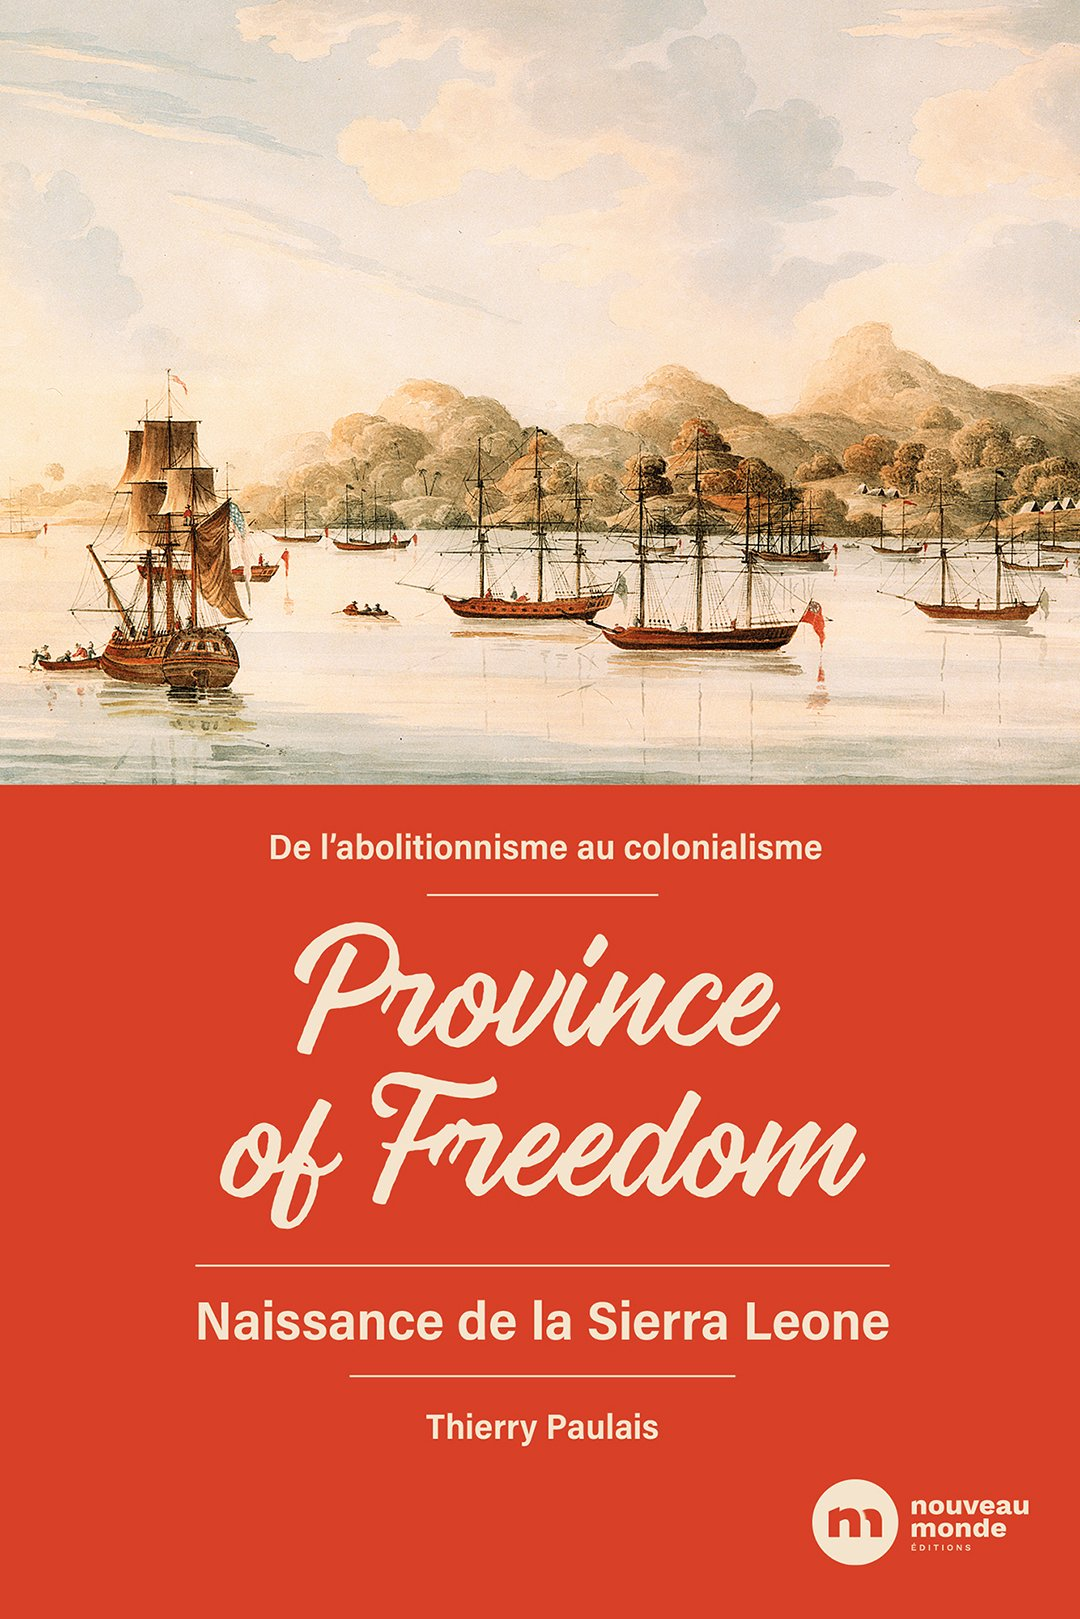 «De l'abolitionnisme au colonialisme – Province of Freedom – Naissance de la Sierra Leone» de Thierry Paulais (éd. Nouveau monde)